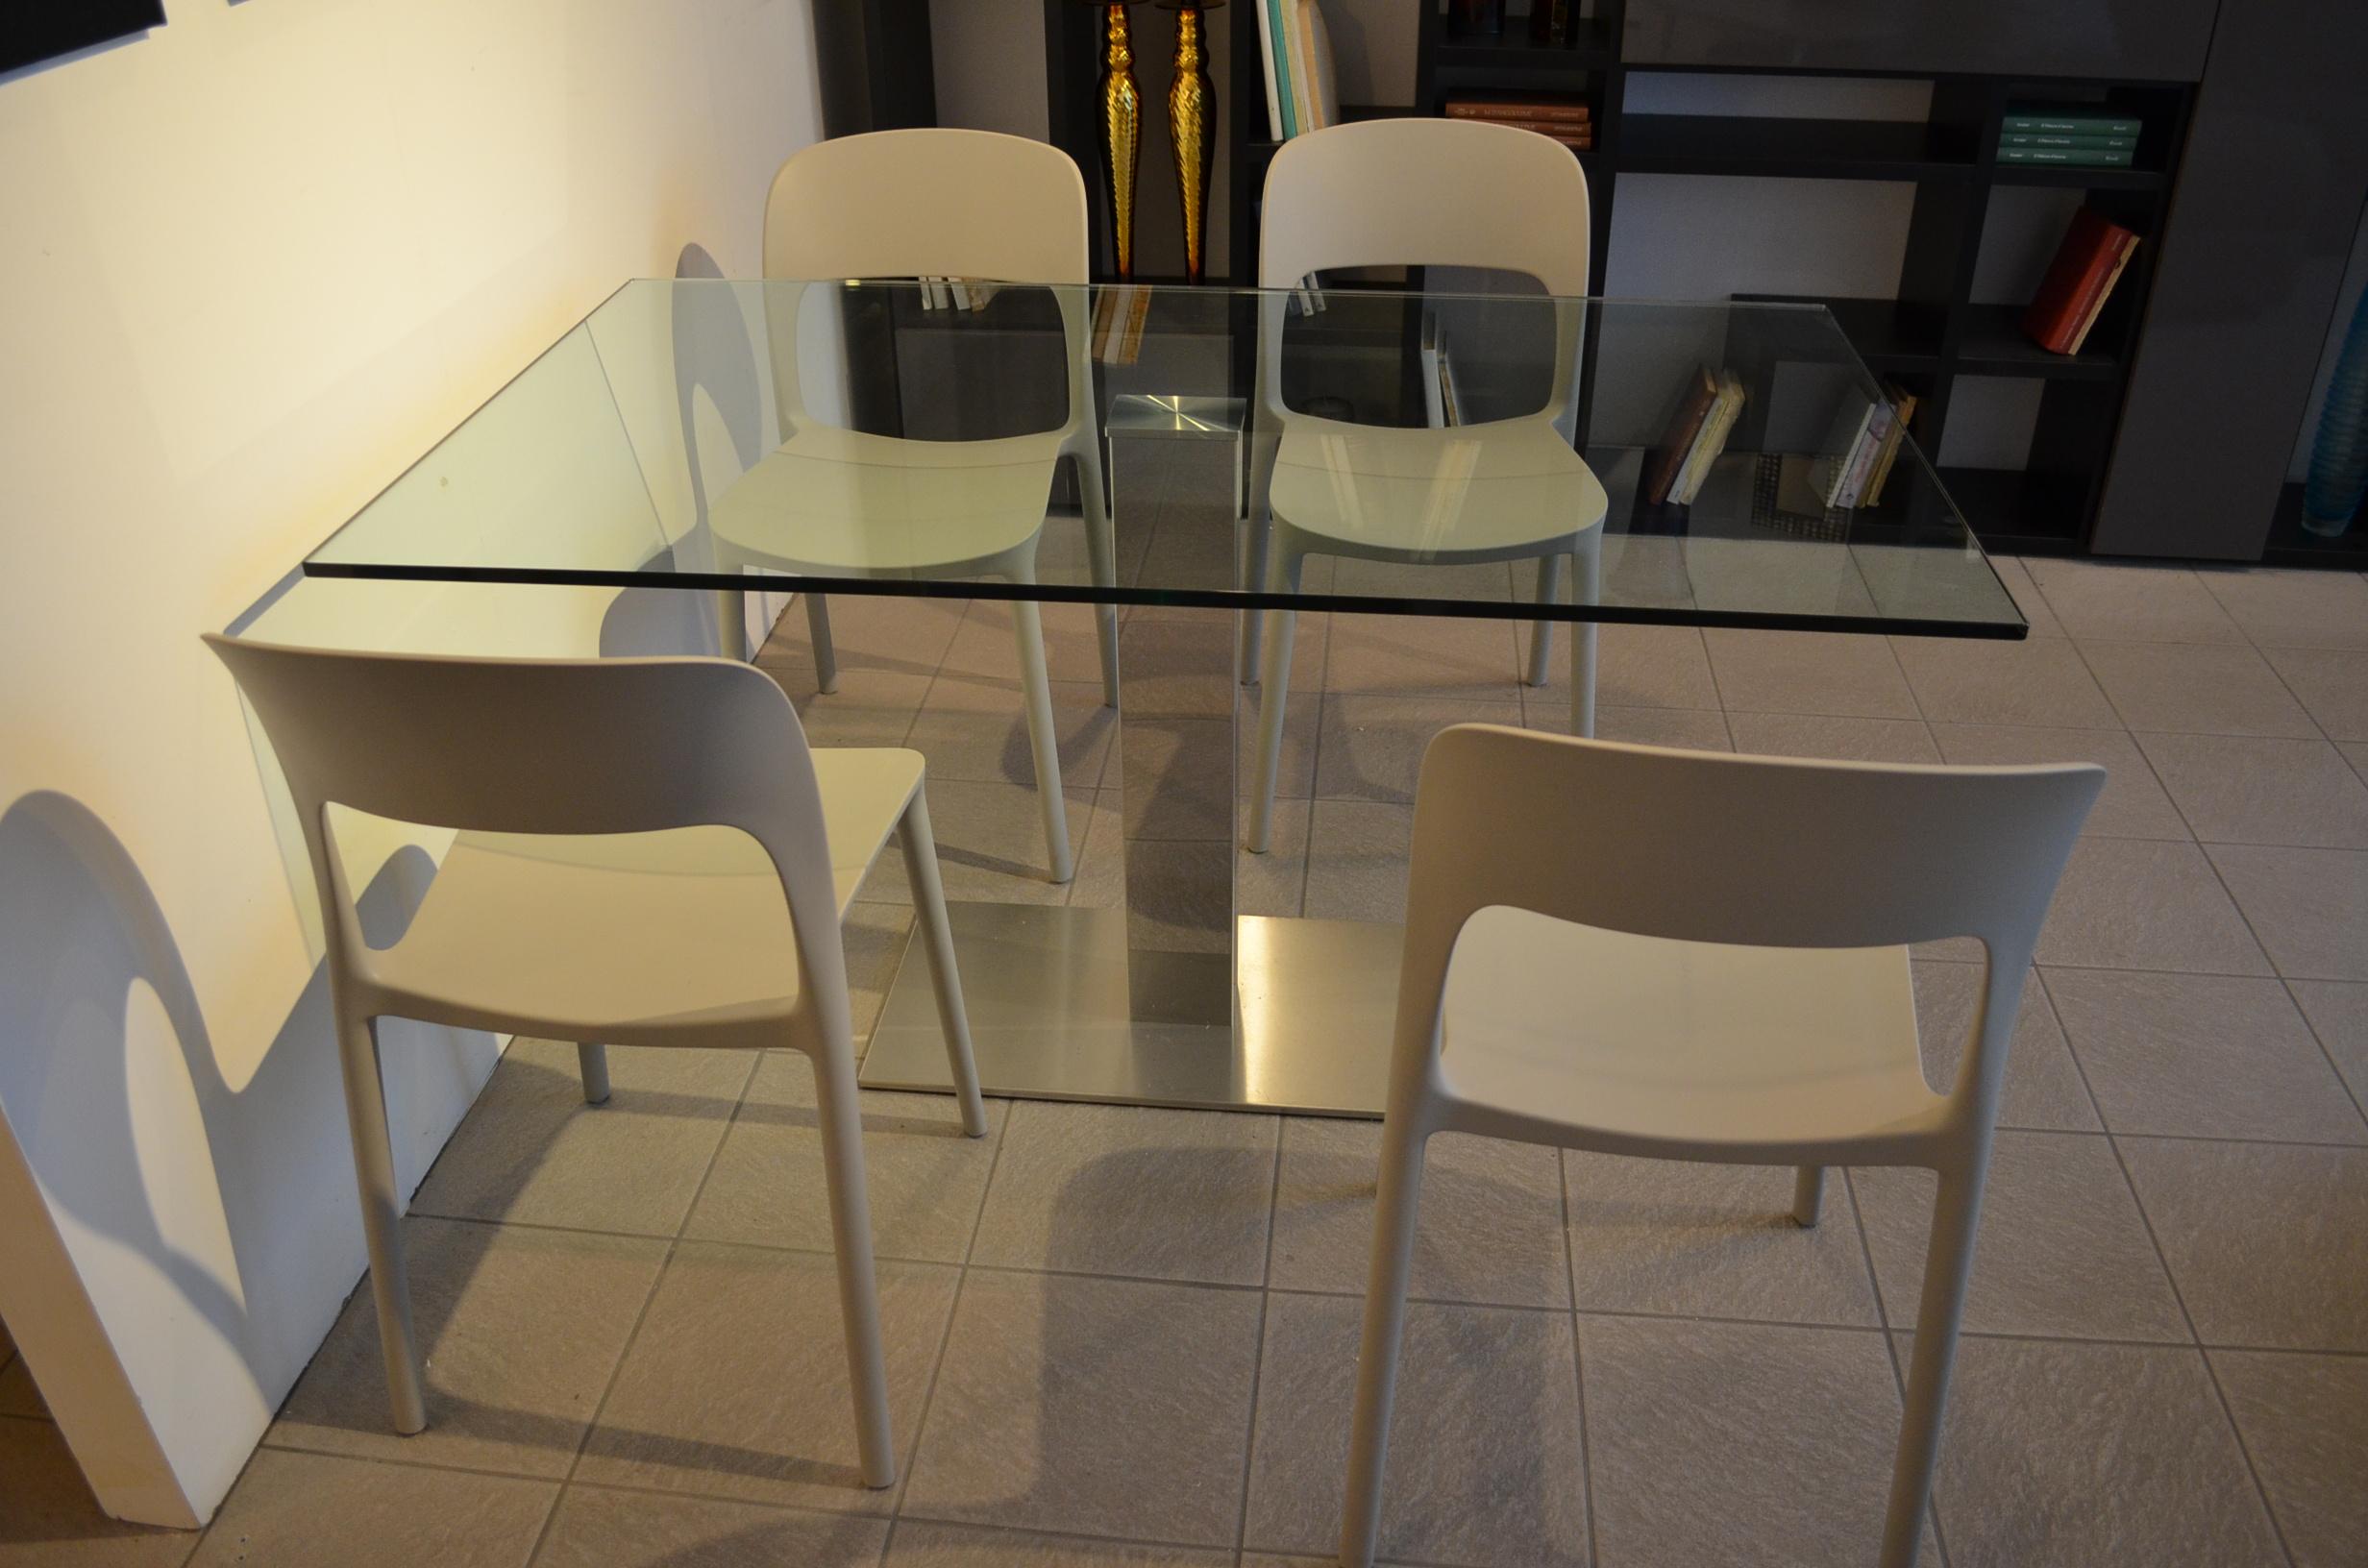 Metodo interni arredamenti piacenza tavolo fisso con - Tavoli in cristallo allungabili cattelan ...